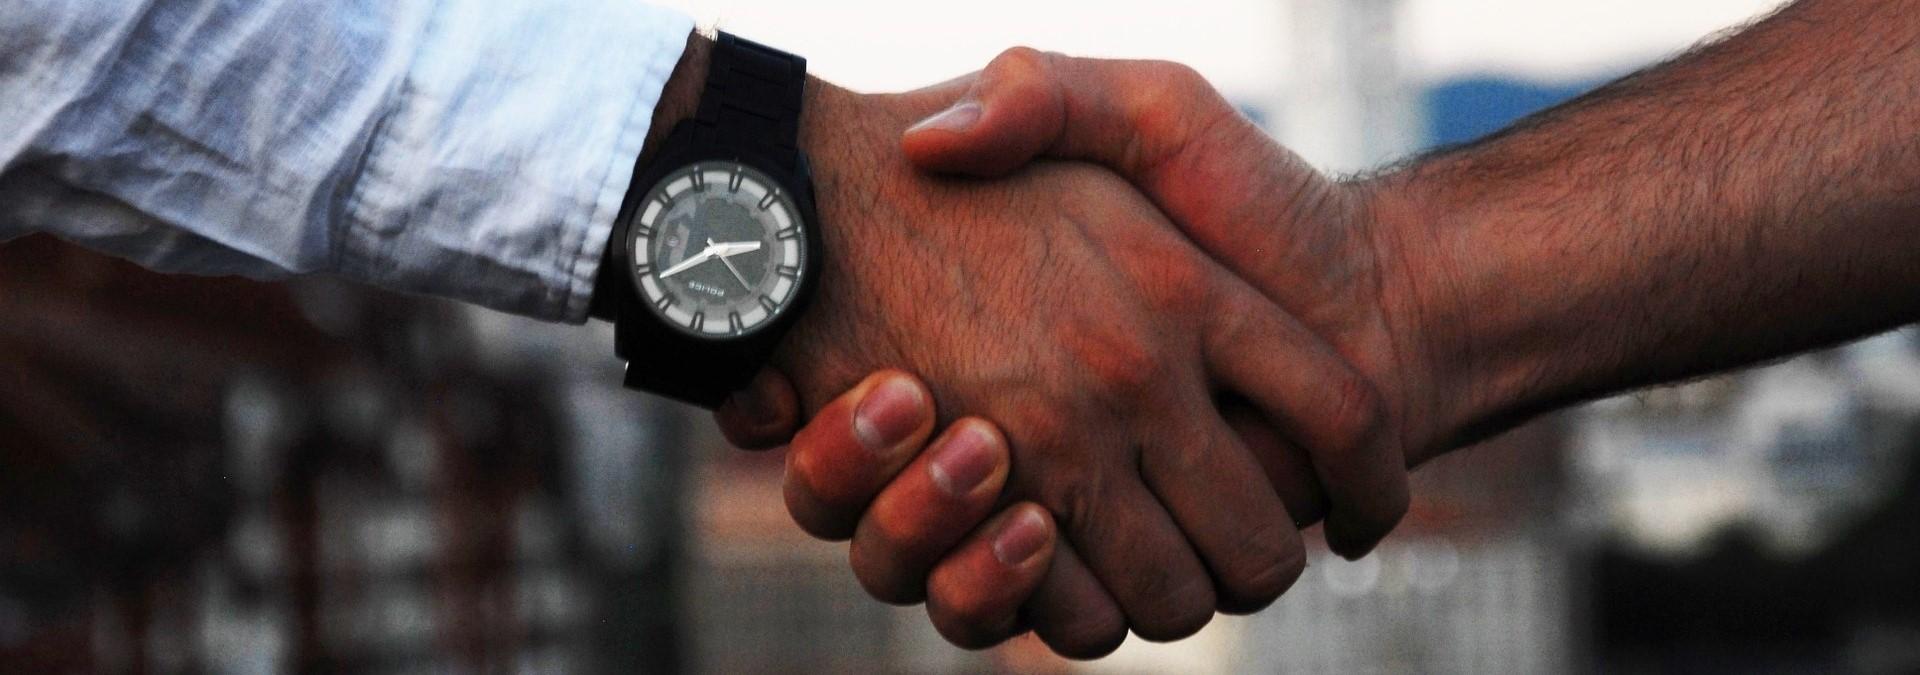 20293_handshake-15122_120-3